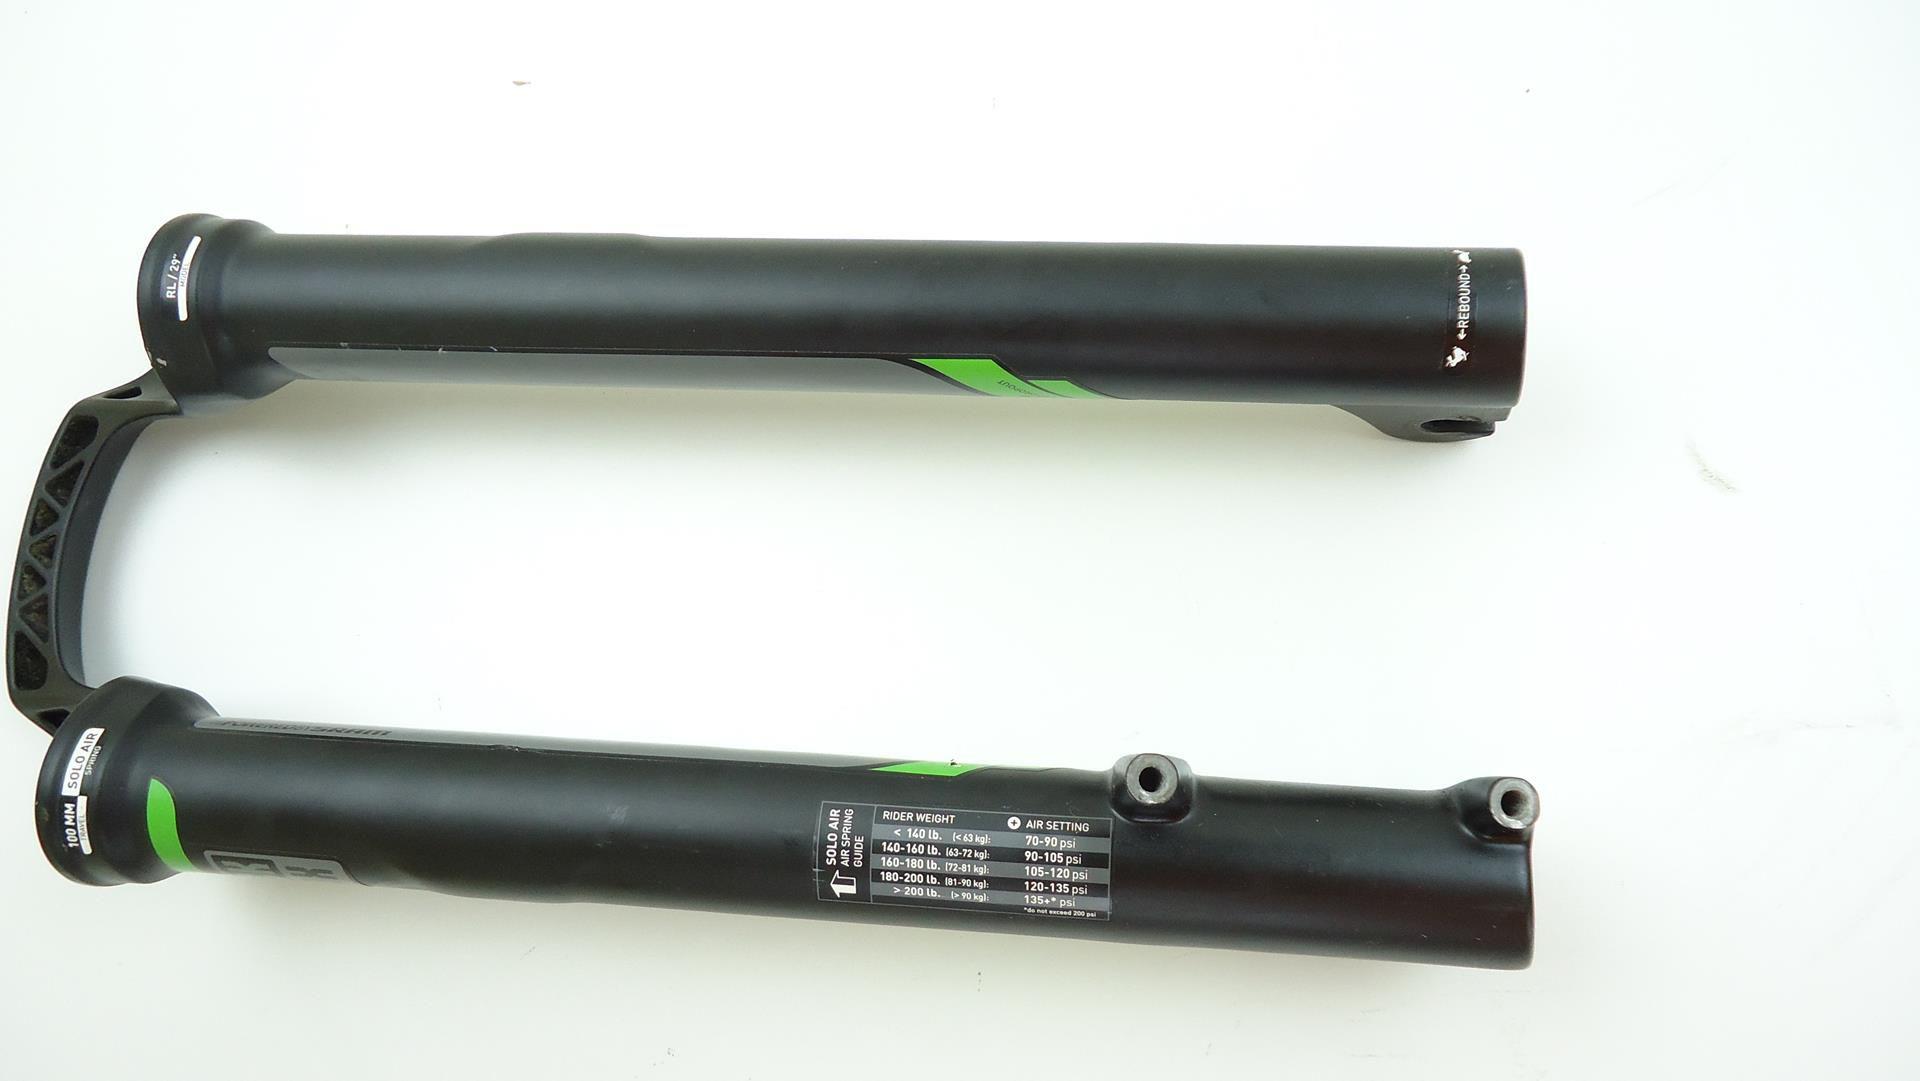 Parte Inferior Canela Suspensão Rock Shox Reba RL Aro 29 32mm Eixo 9mm - USADO